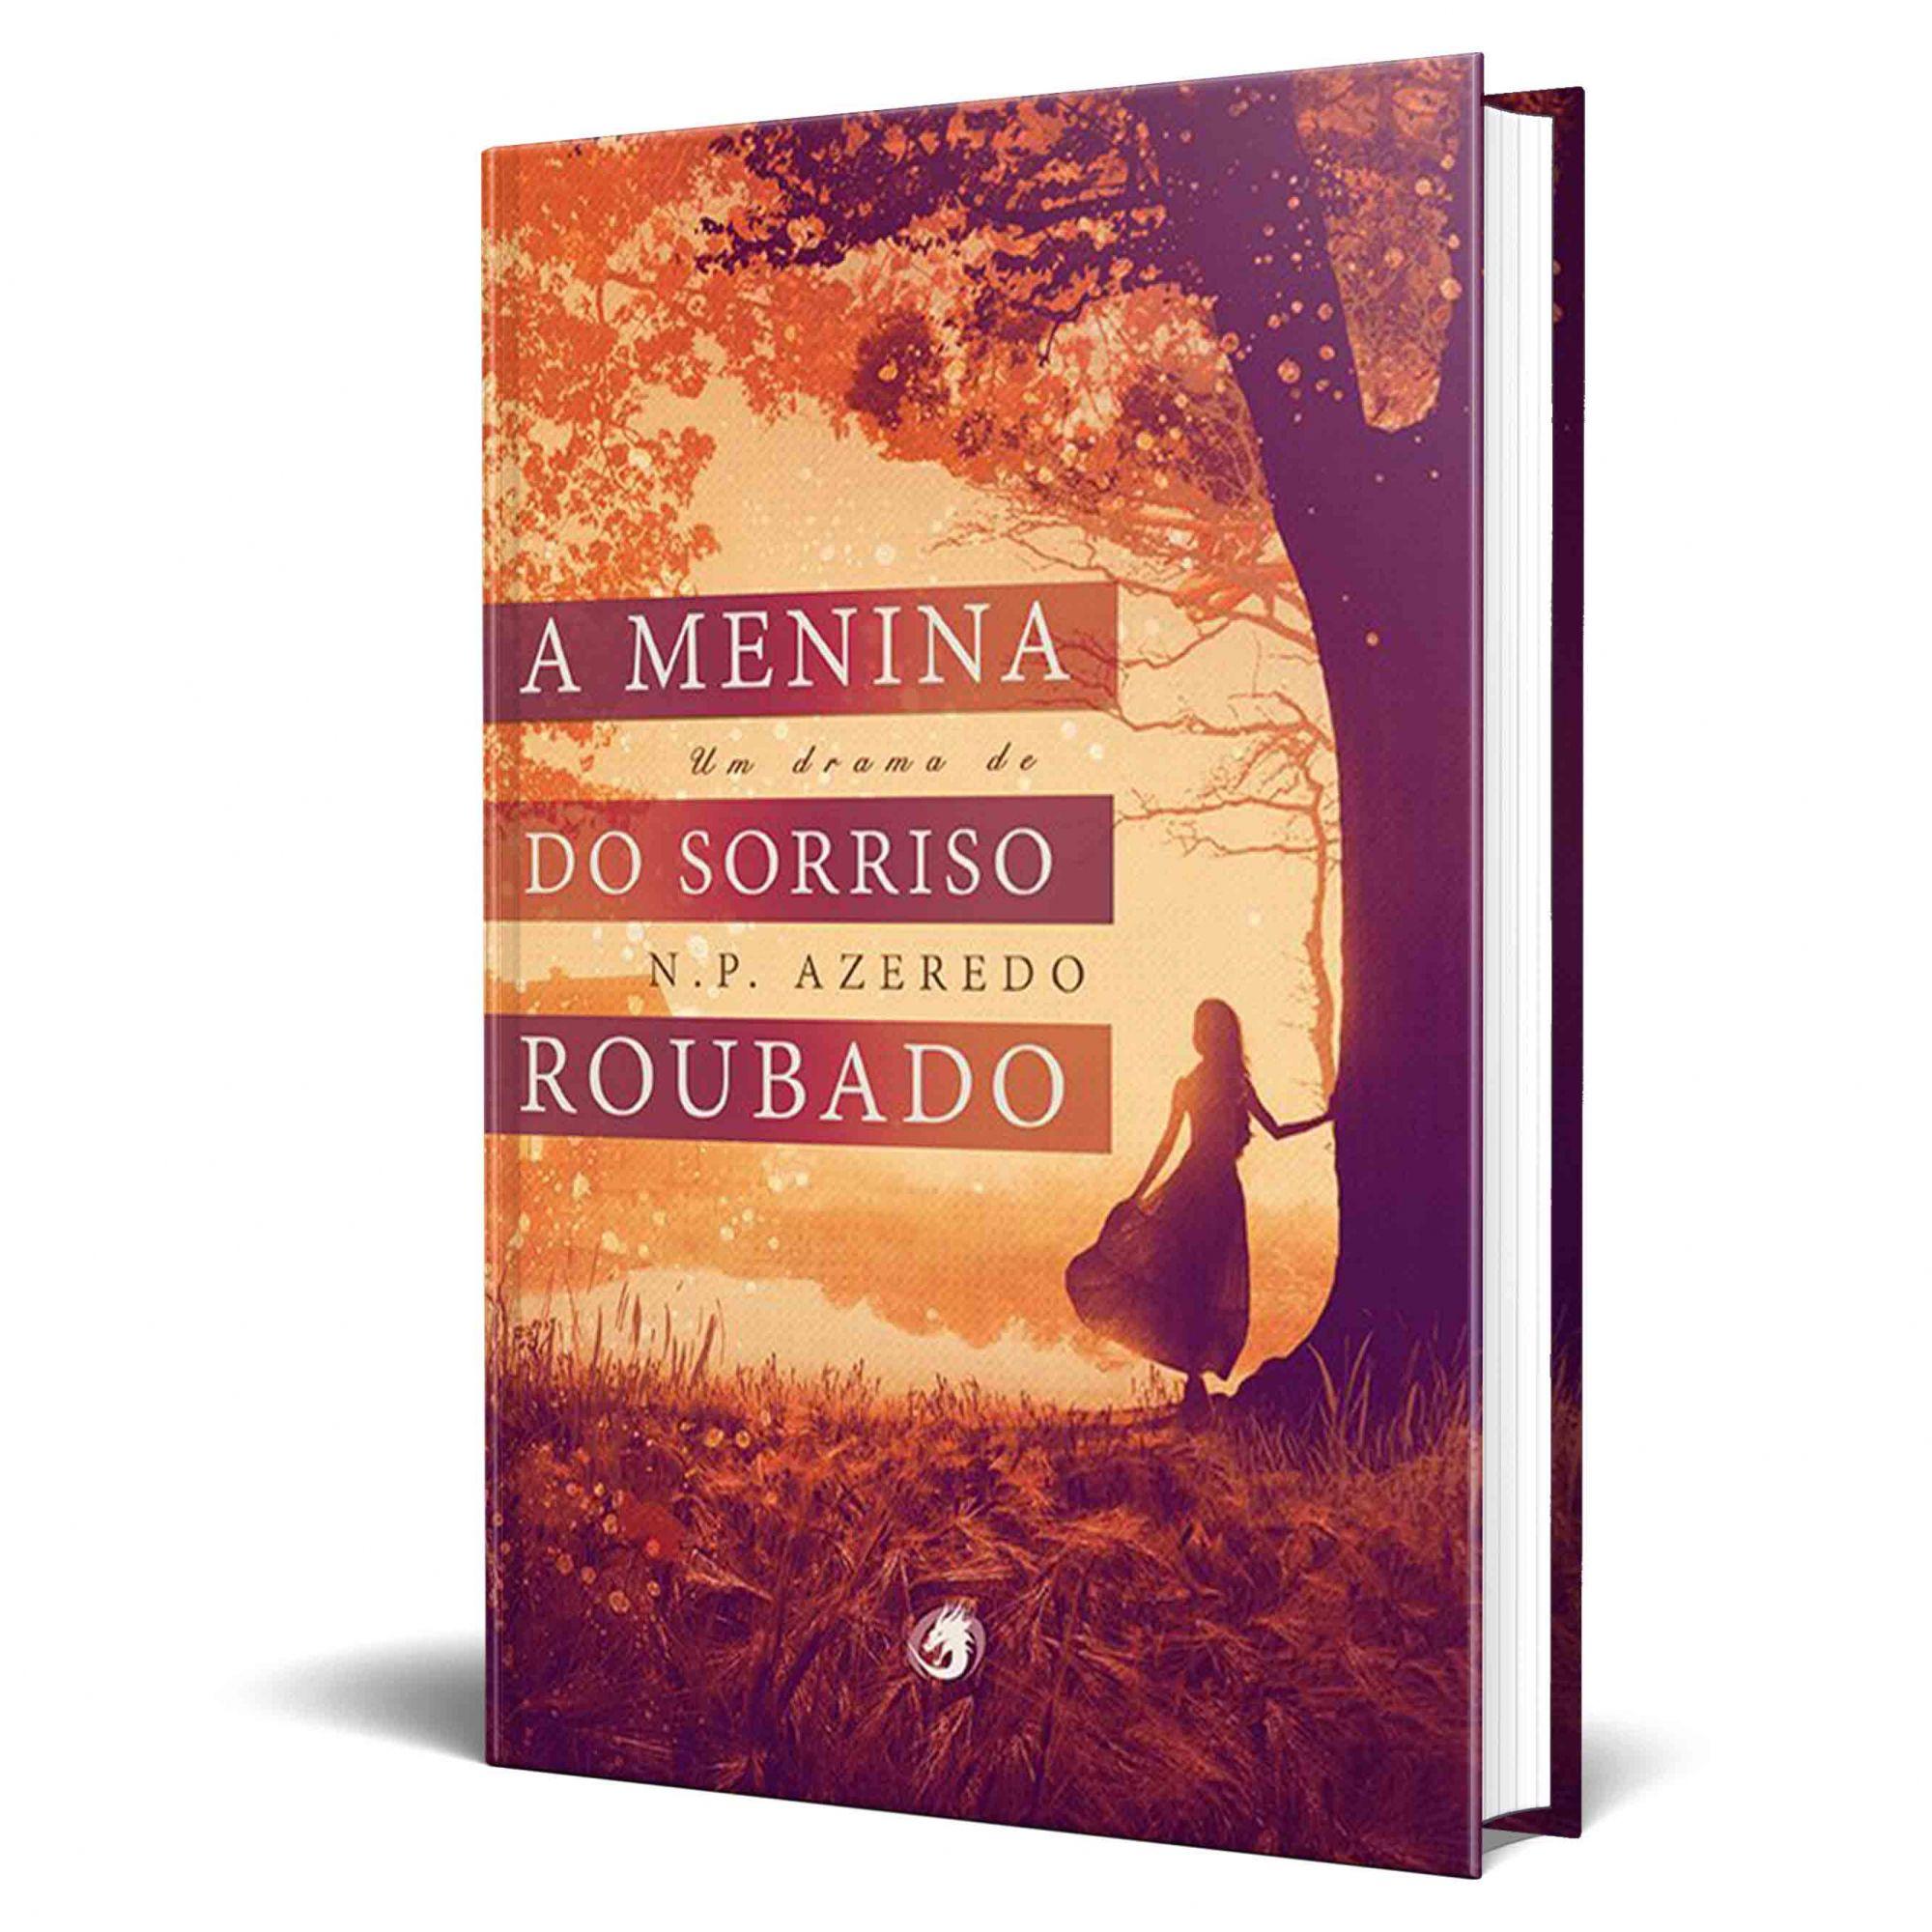 *** Pré-Venda *** do Livro A Menina do Sorriso Roubado